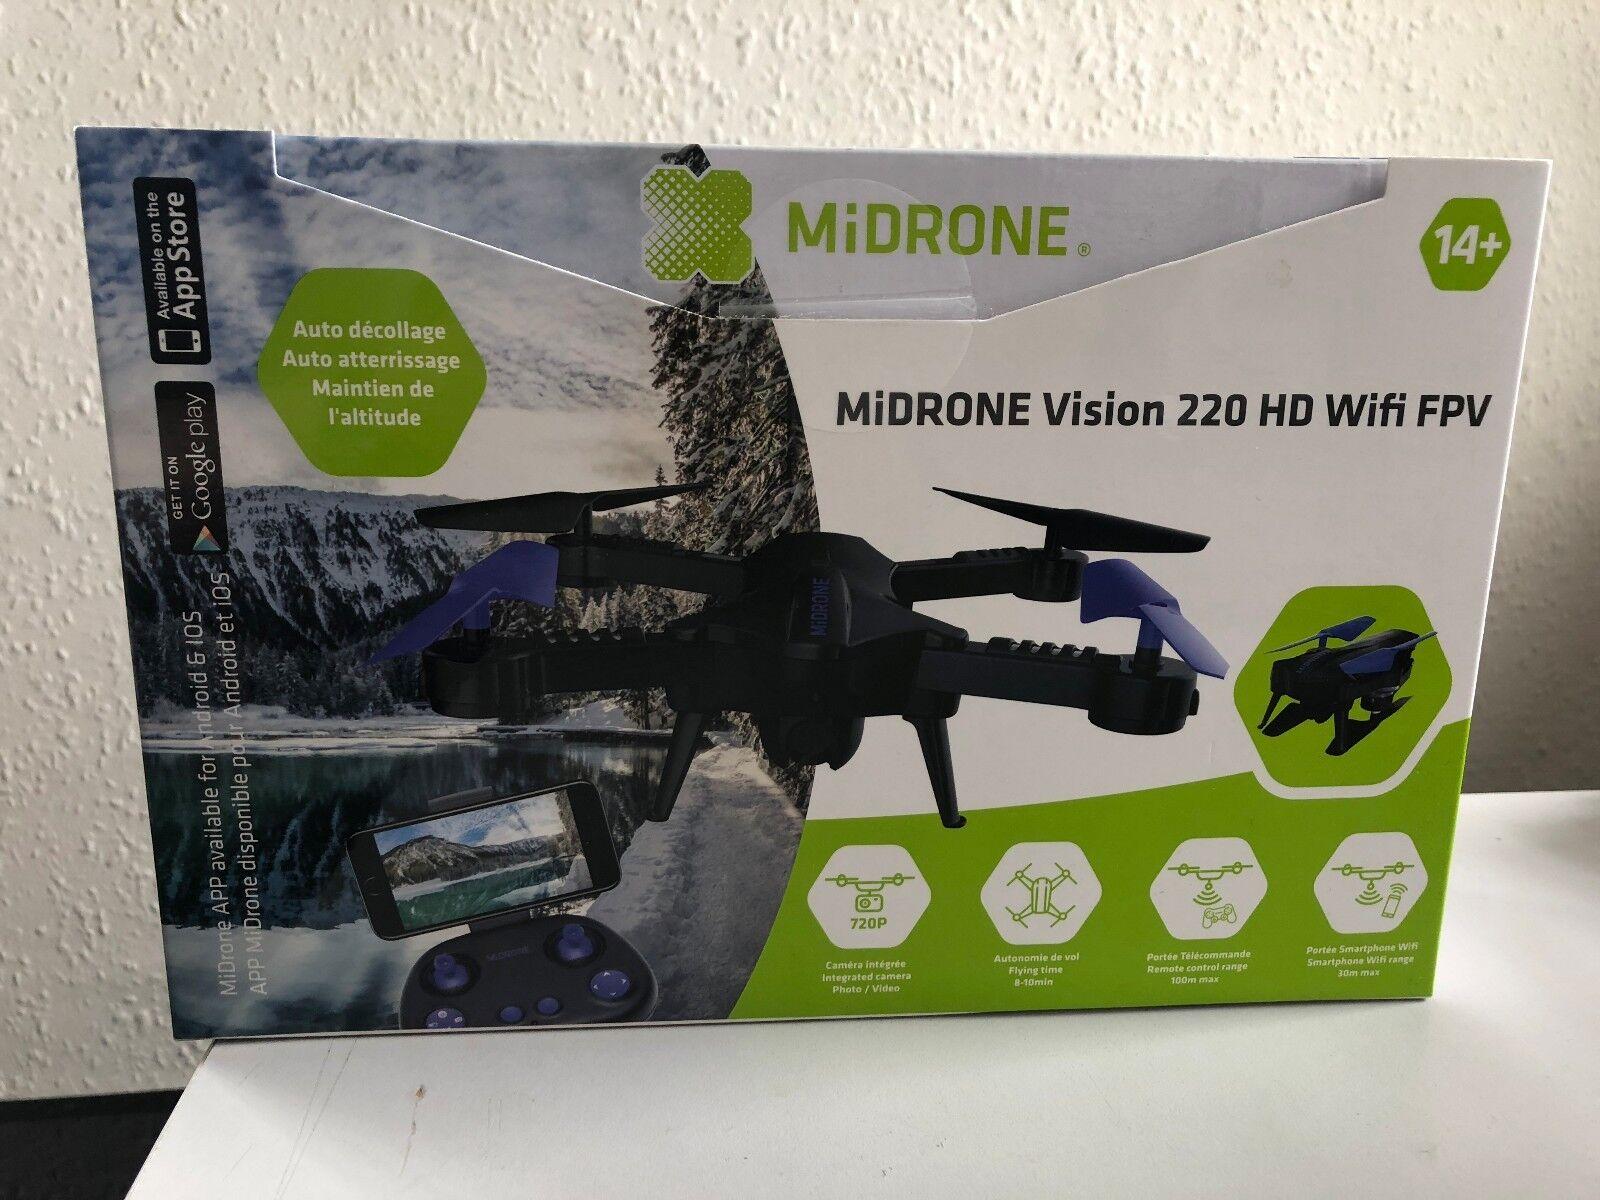 MiDrone Vision 220 HD Wifi FPV 720p Quadcopter Drone